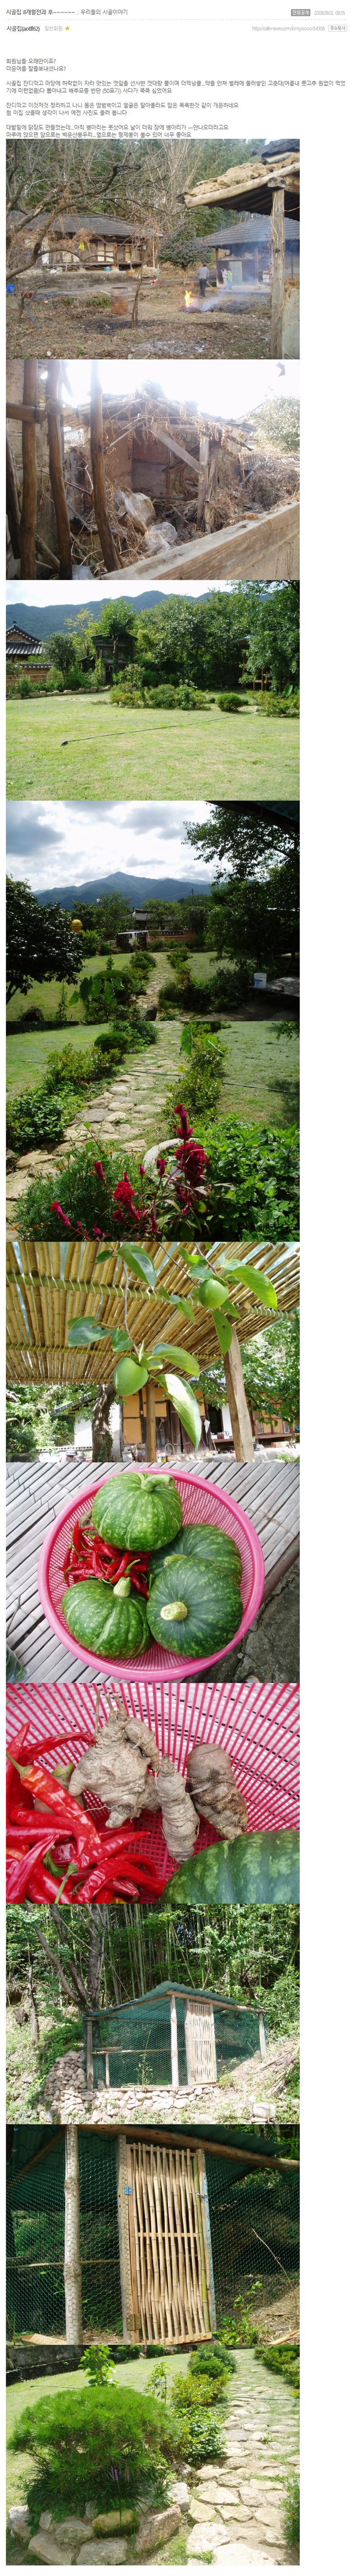 [헌집도 개조하면 멋있다] 시골집 8개월 전과 후  [출처: http://cafe.naver.com/kimyoooo]